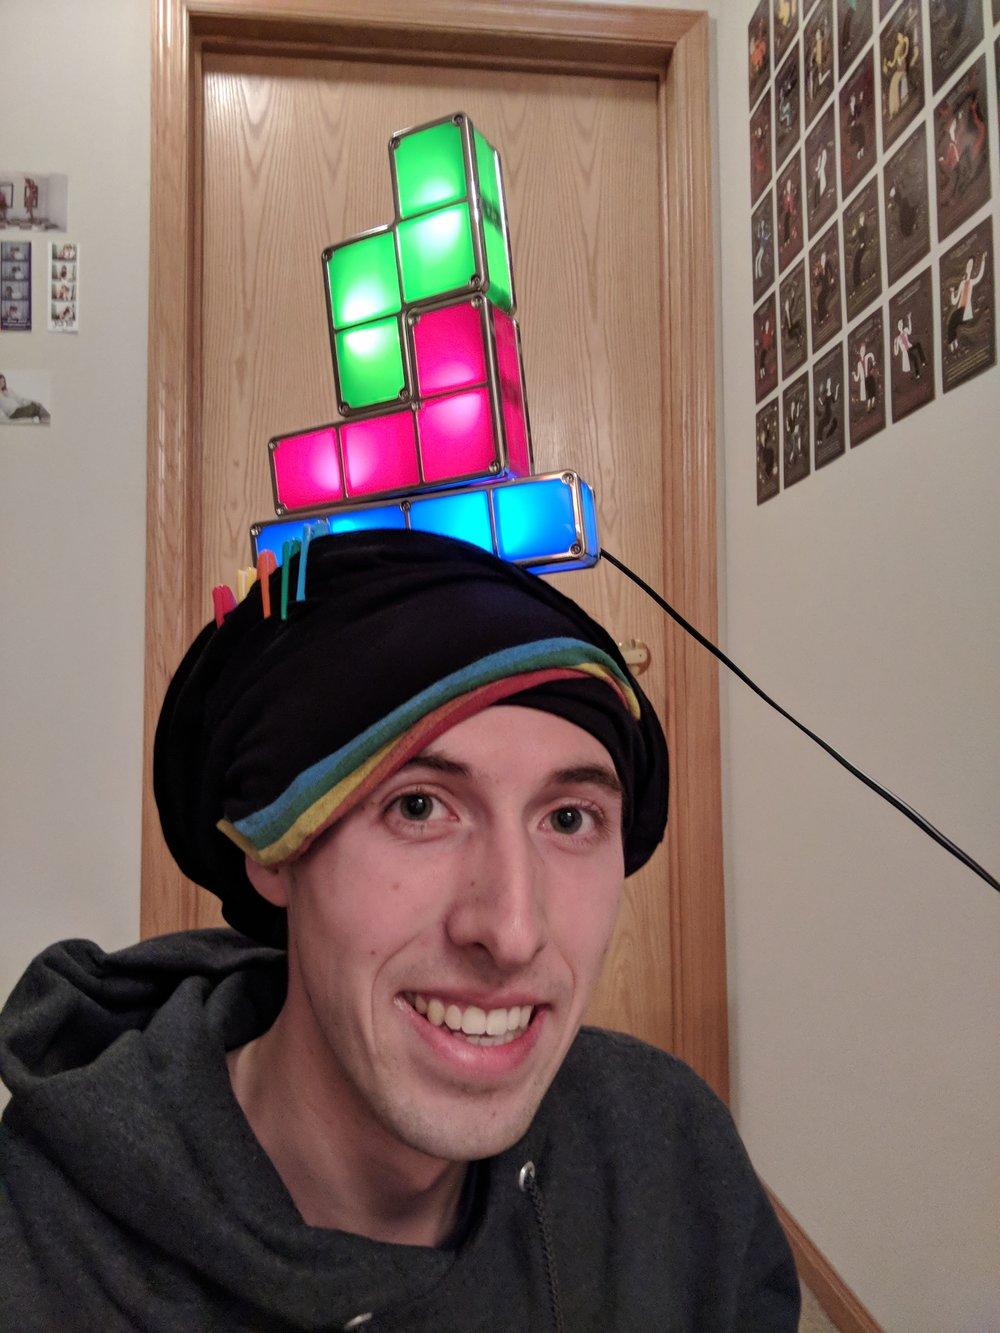 josh_prototyped_a_hat.jpg